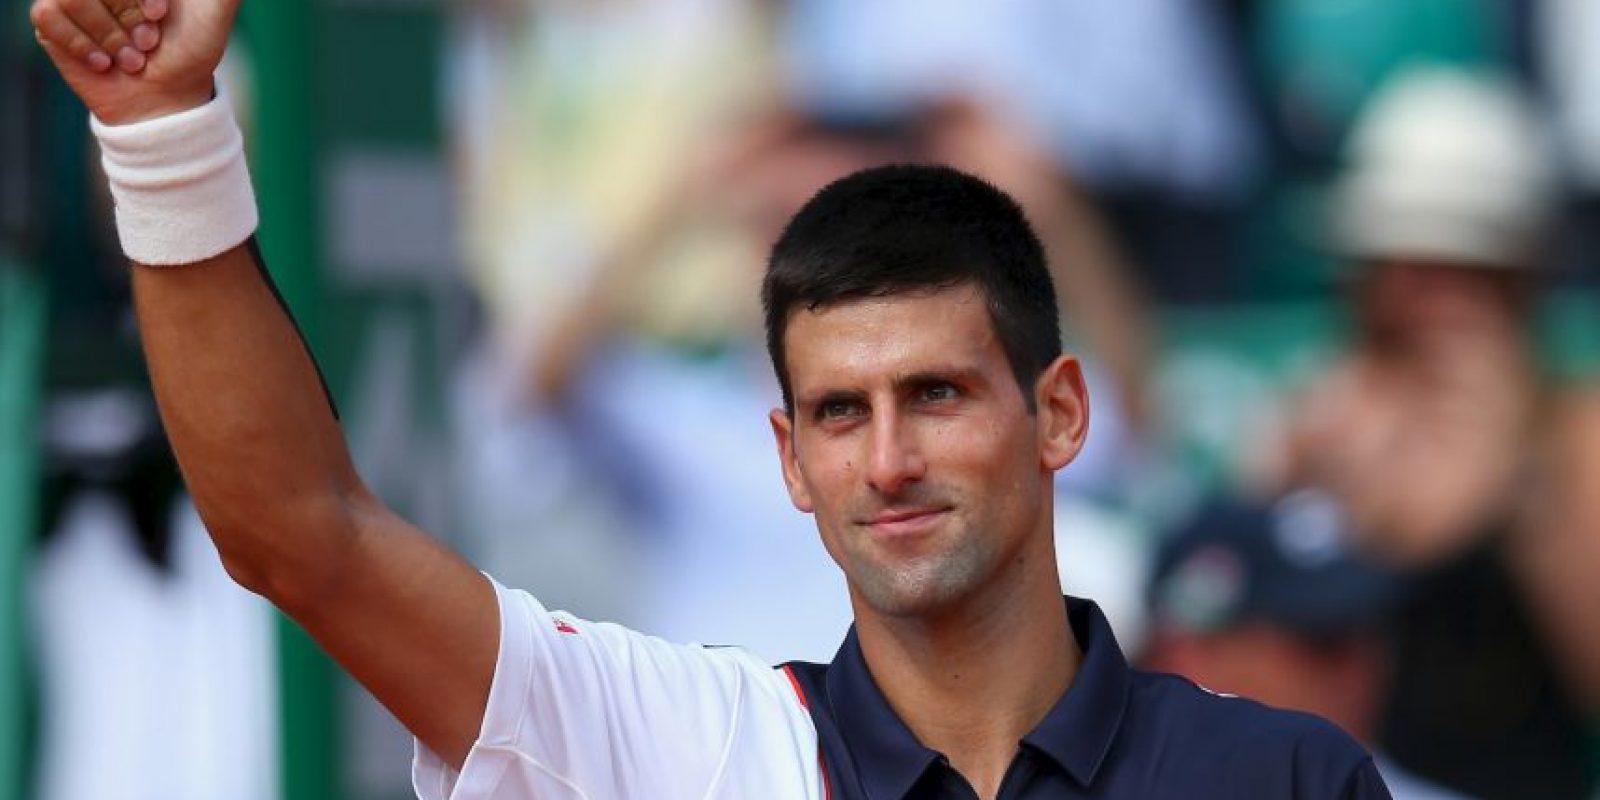 En 2015 ya ganó su primer Gran Slamd, el Abierto de Australia. Foto:Getty Images